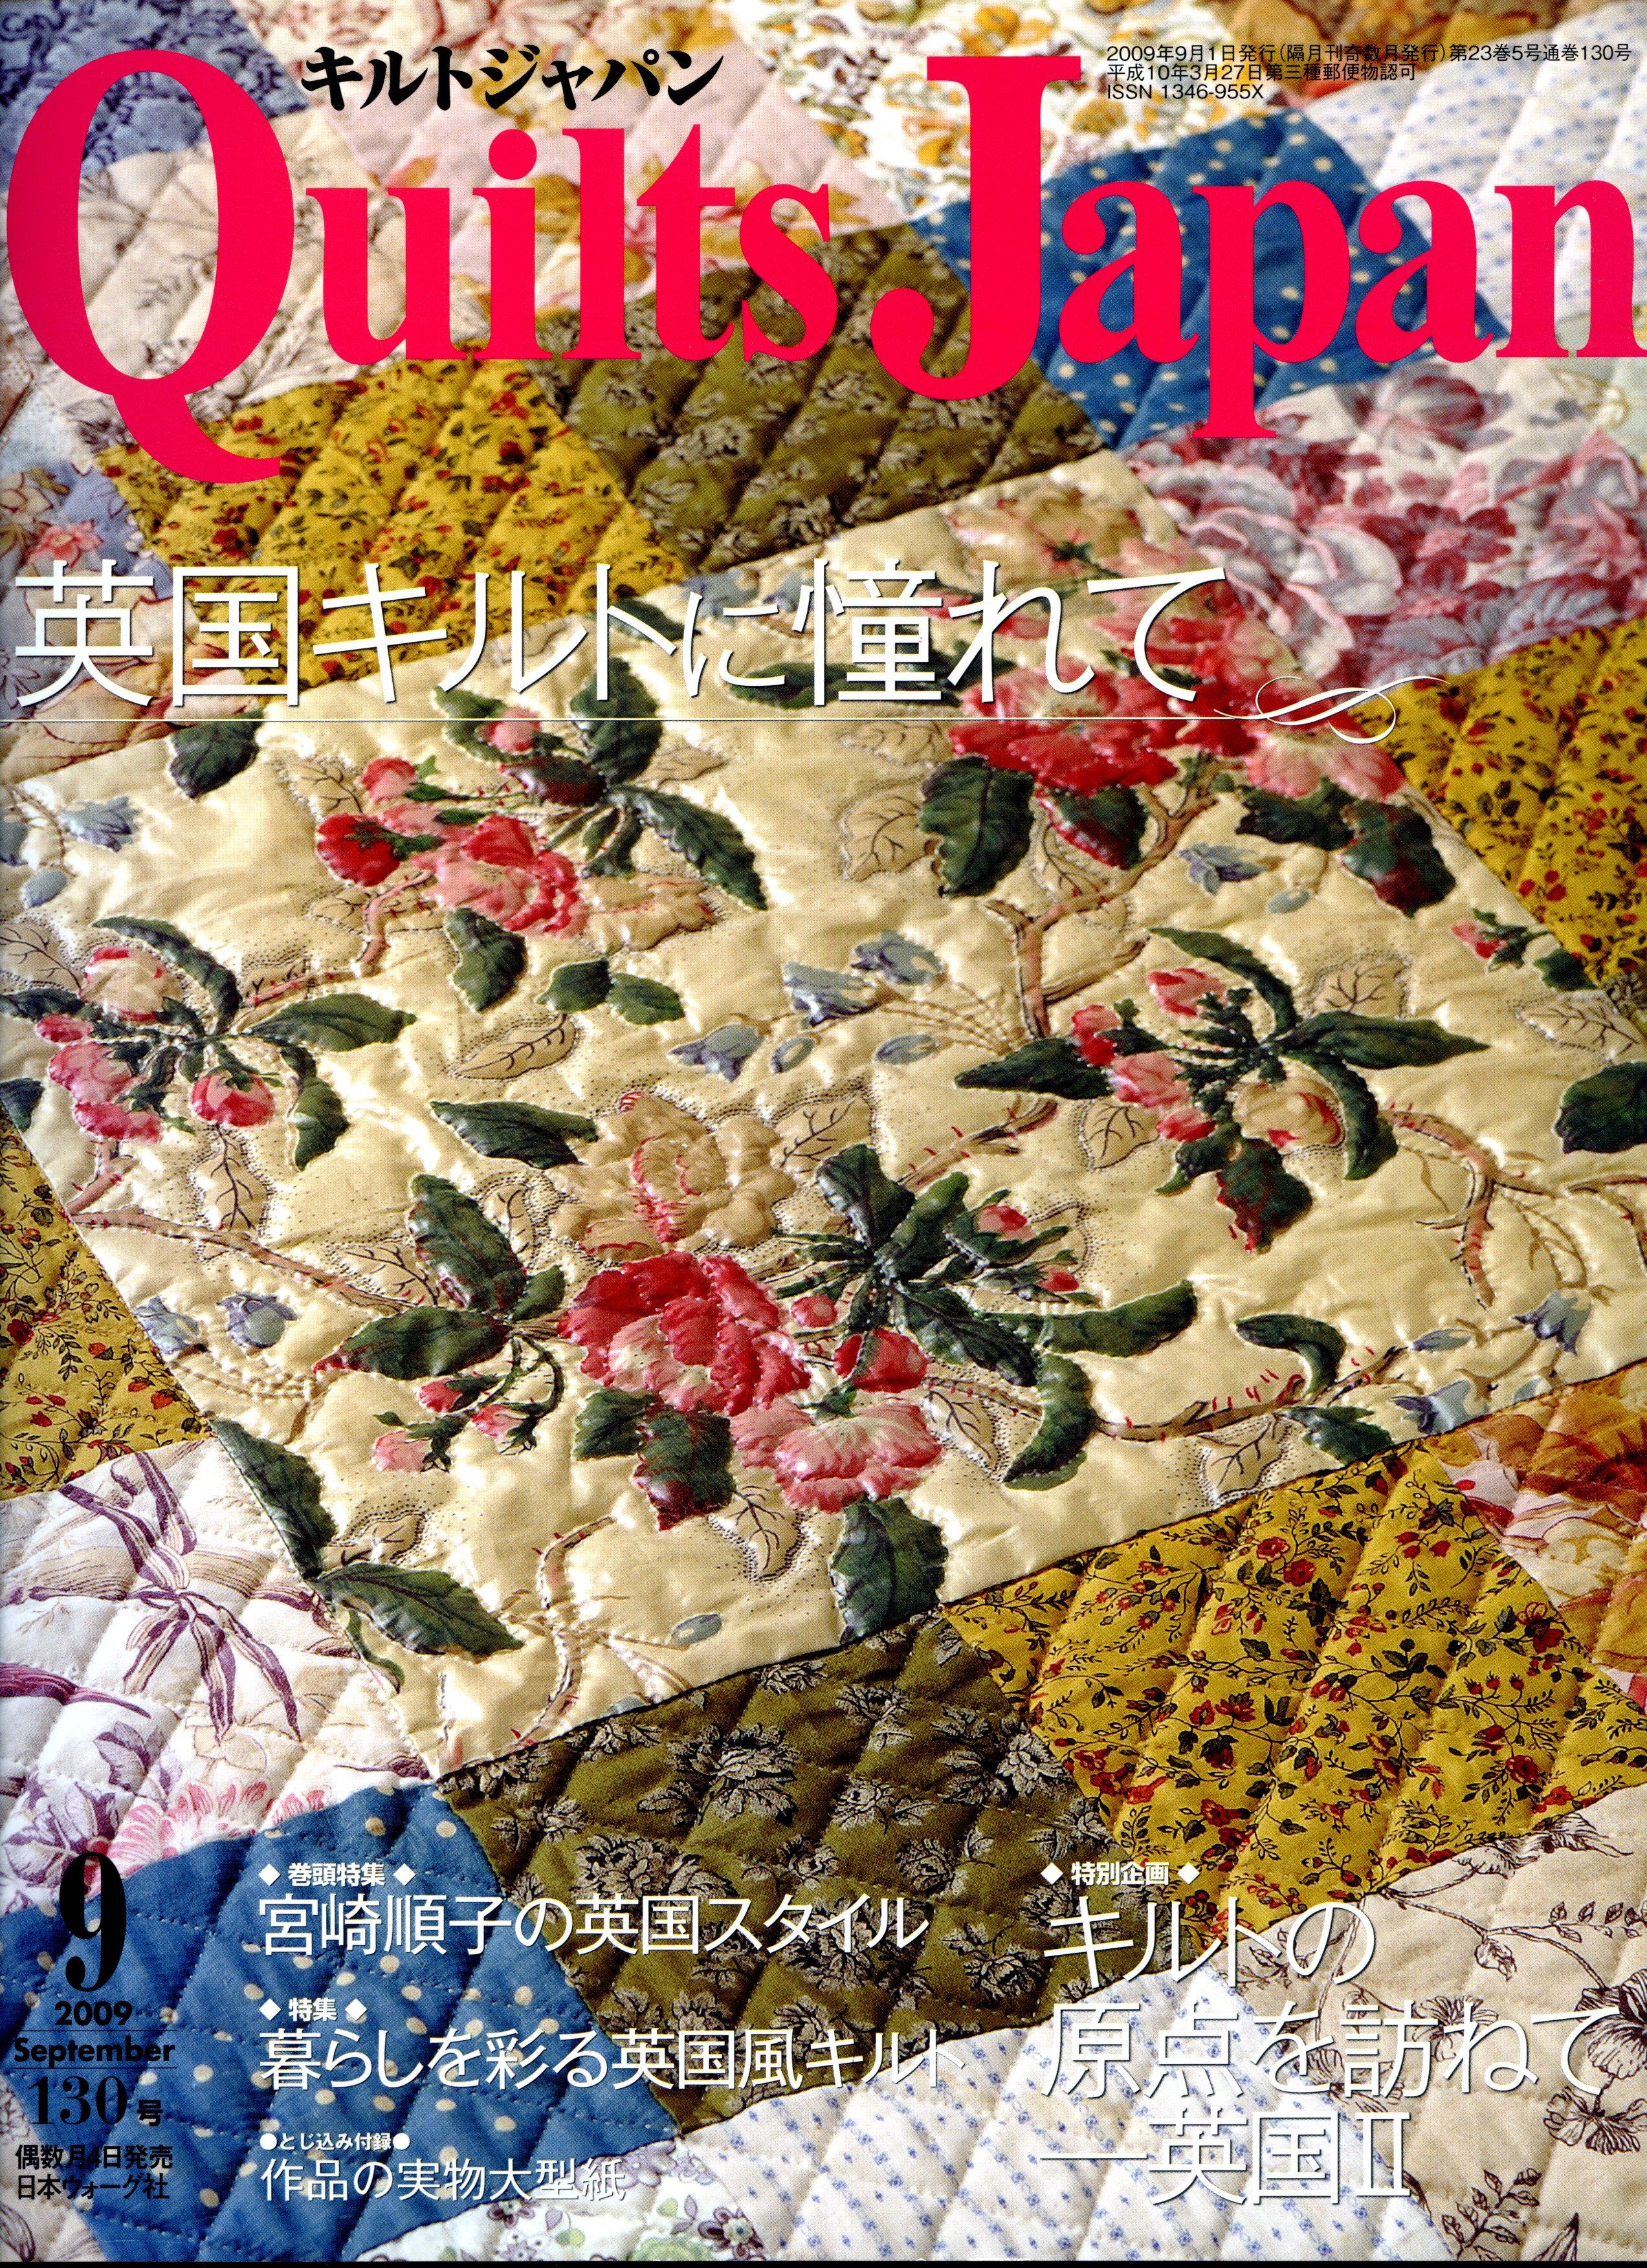 Quilt Japan 2009キルトジャパン 中沢フェリーサ